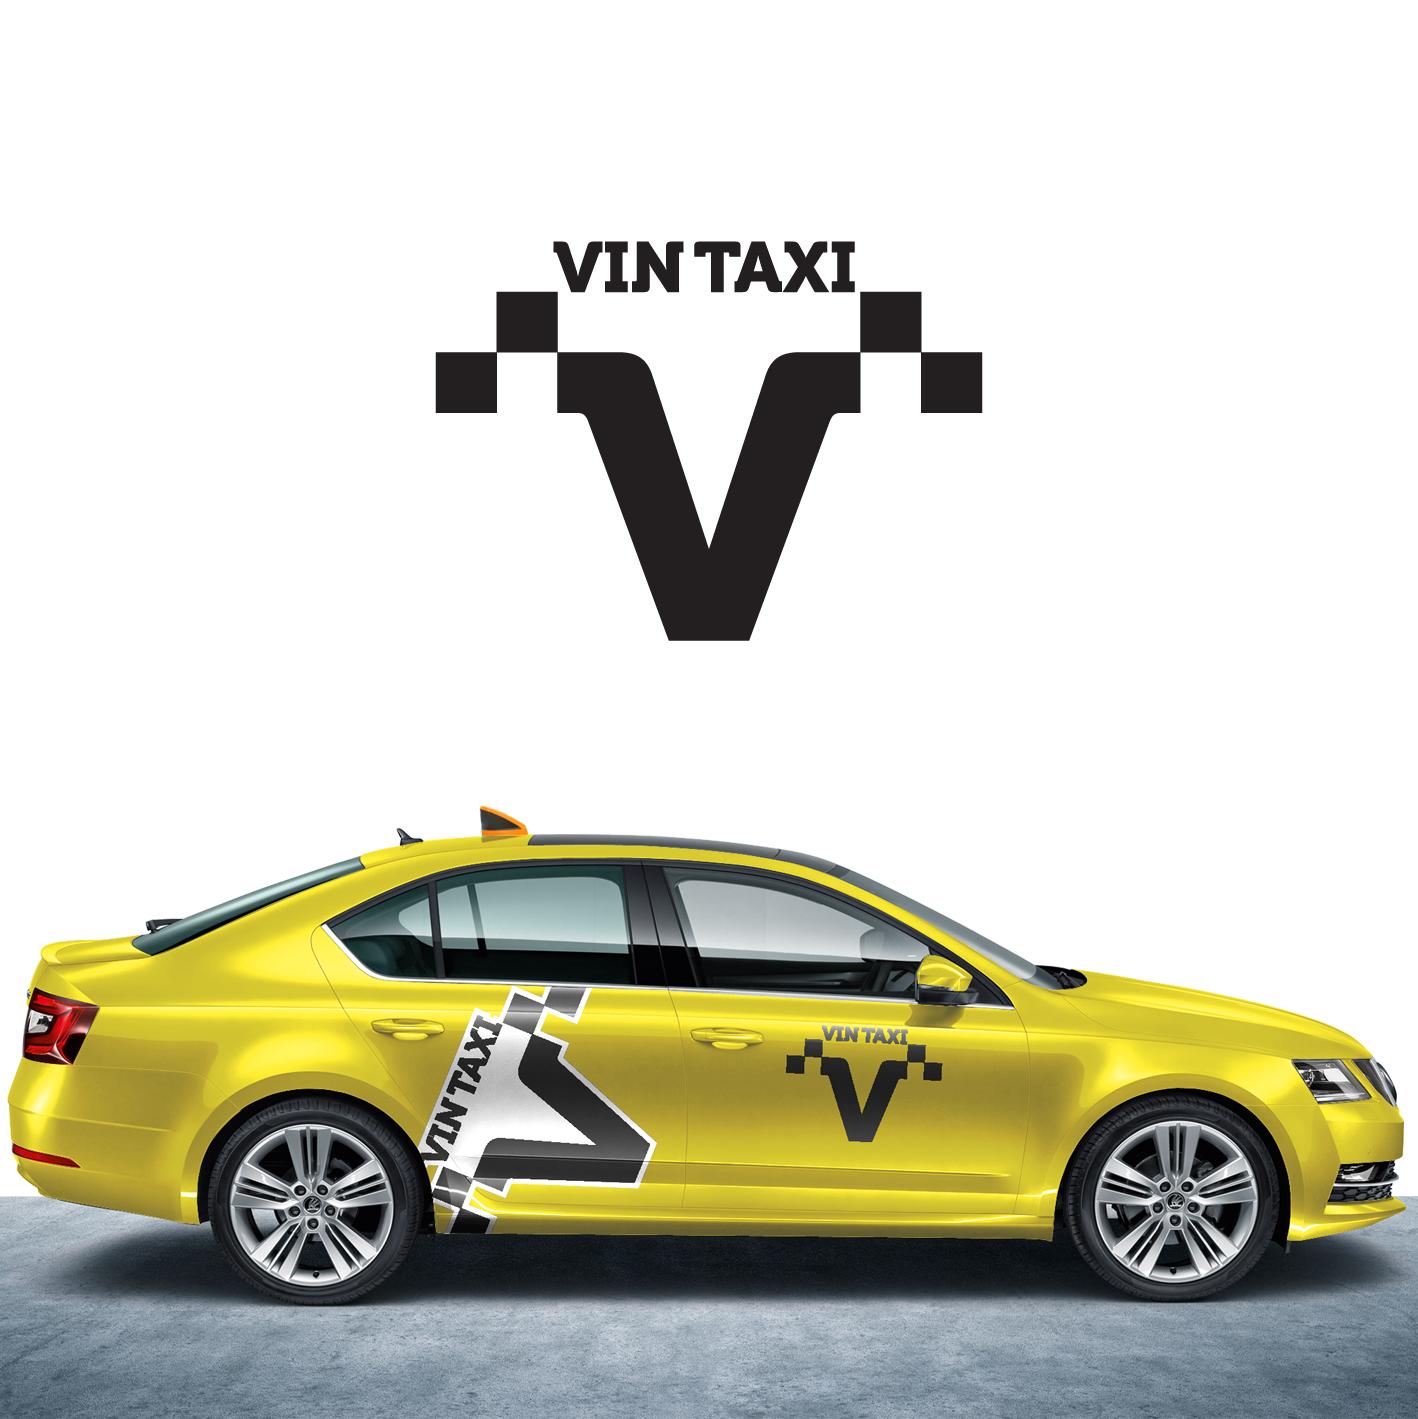 Разработка логотипа и фирменного стиля для такси фото f_6335b9b7ccb07635.png